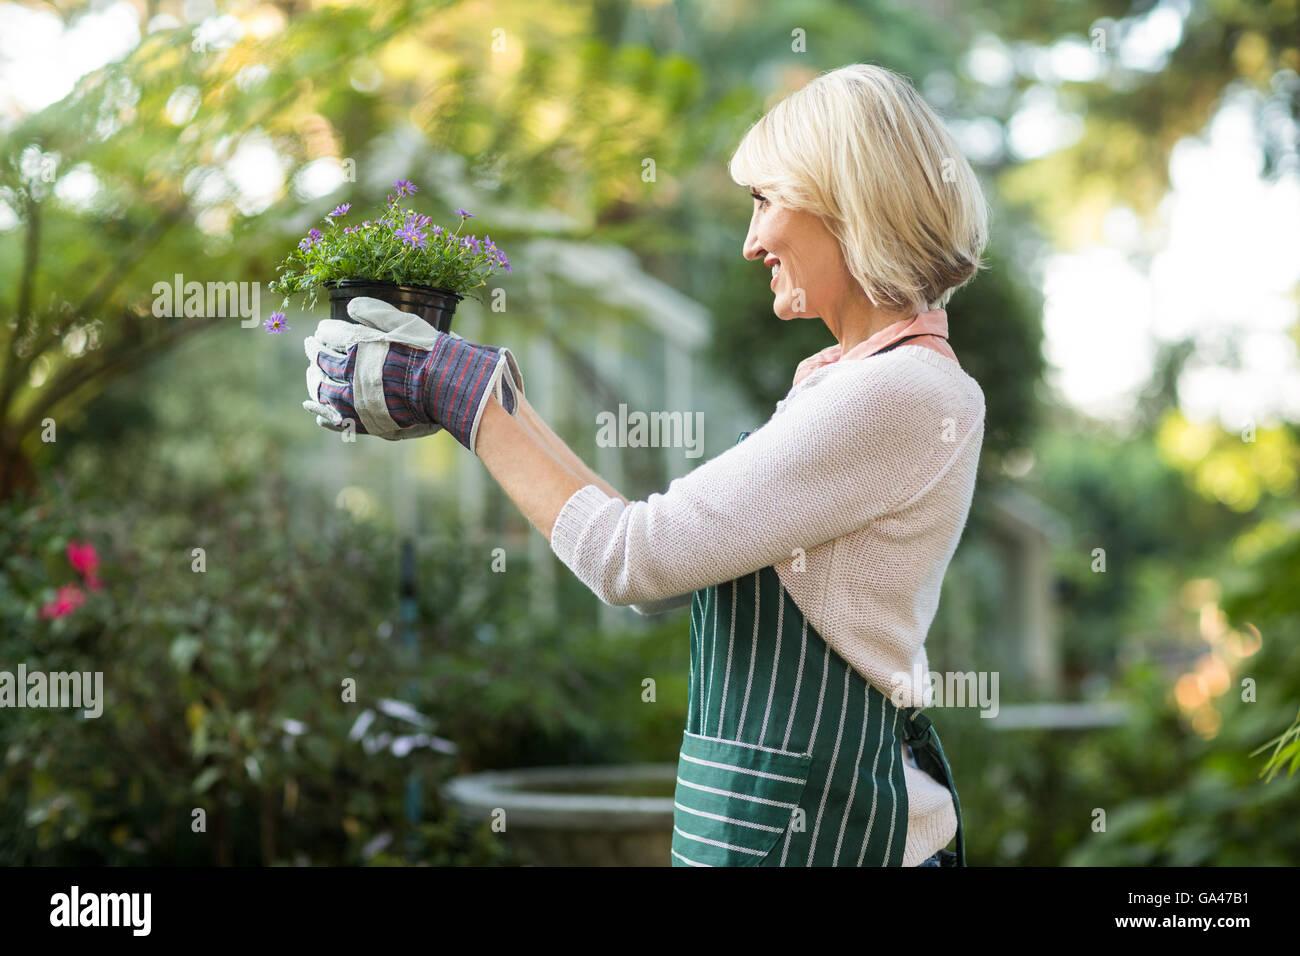 Mature female gardener holding flowering plant - Stock Image